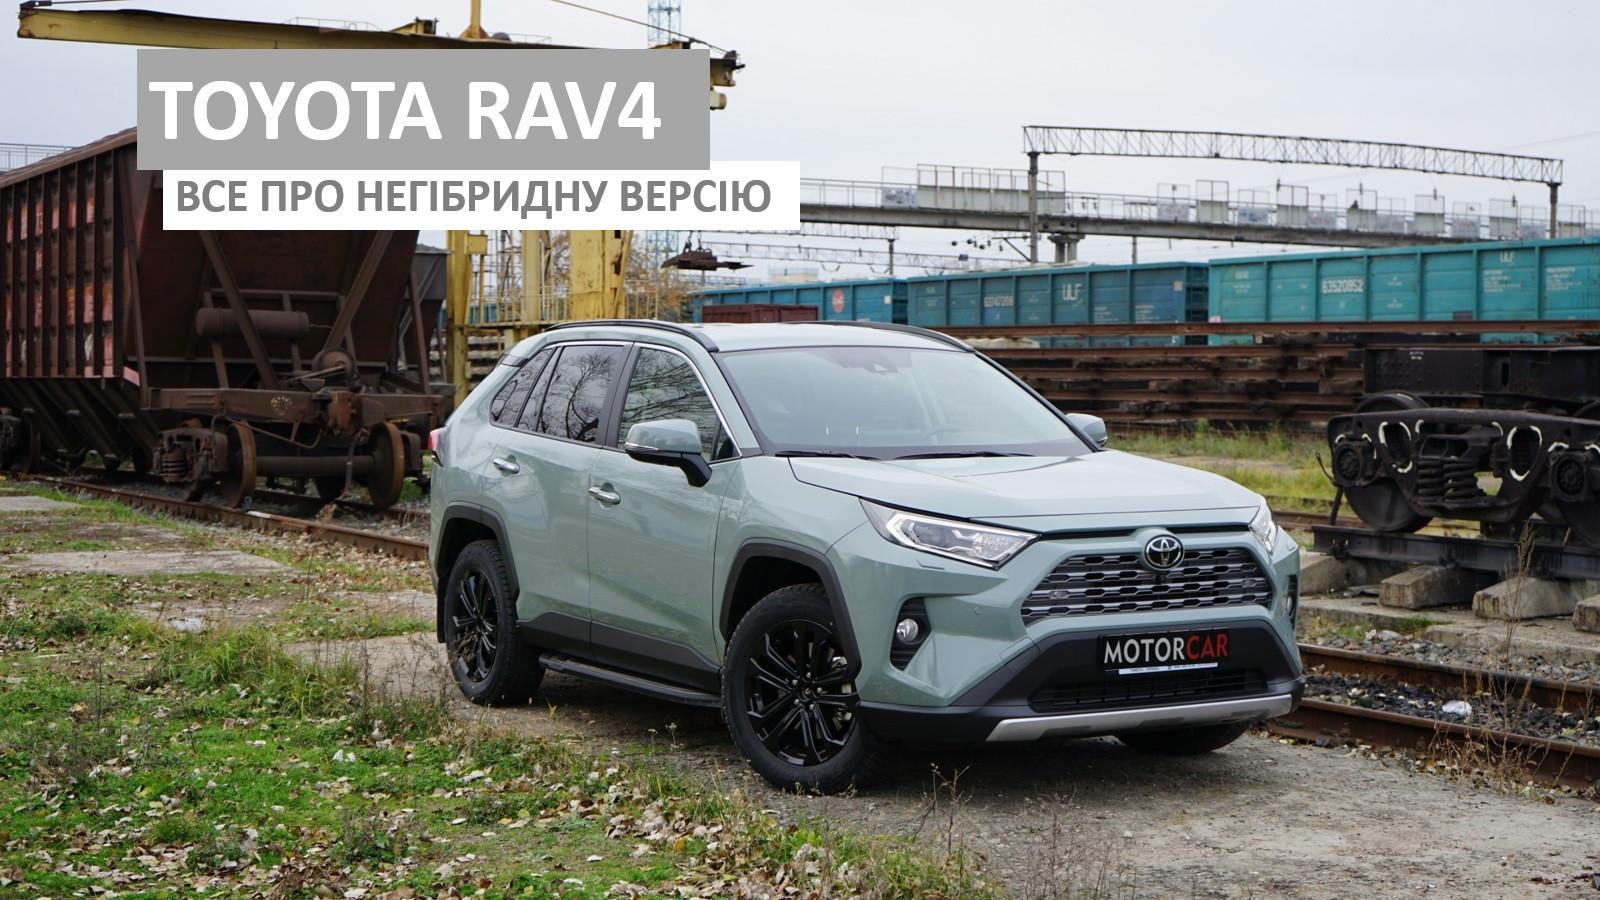 Тест-драйв Toyota RAV4 відео огляд 2021